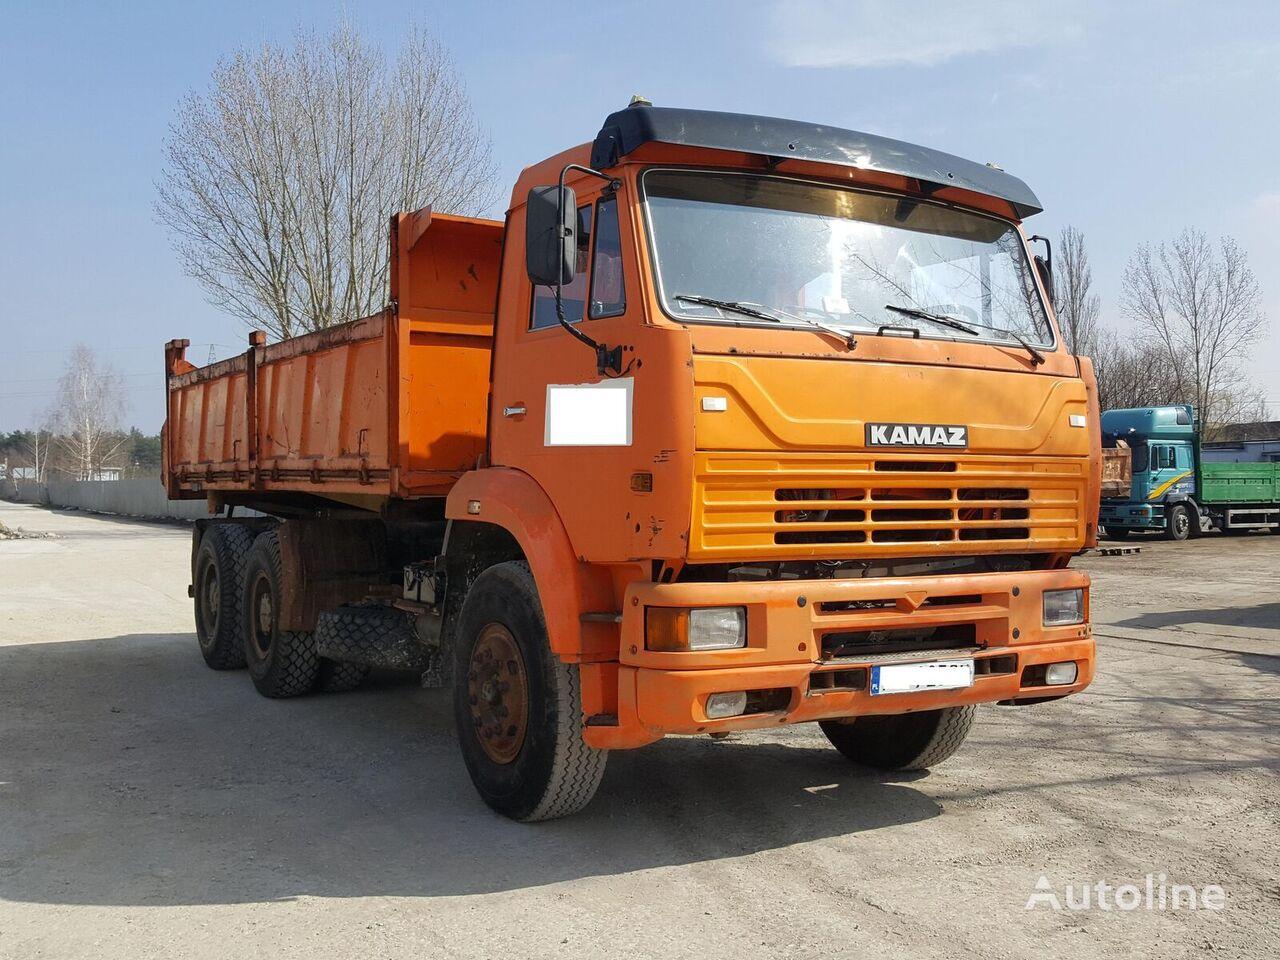 KAMAZ 6520 tippbil